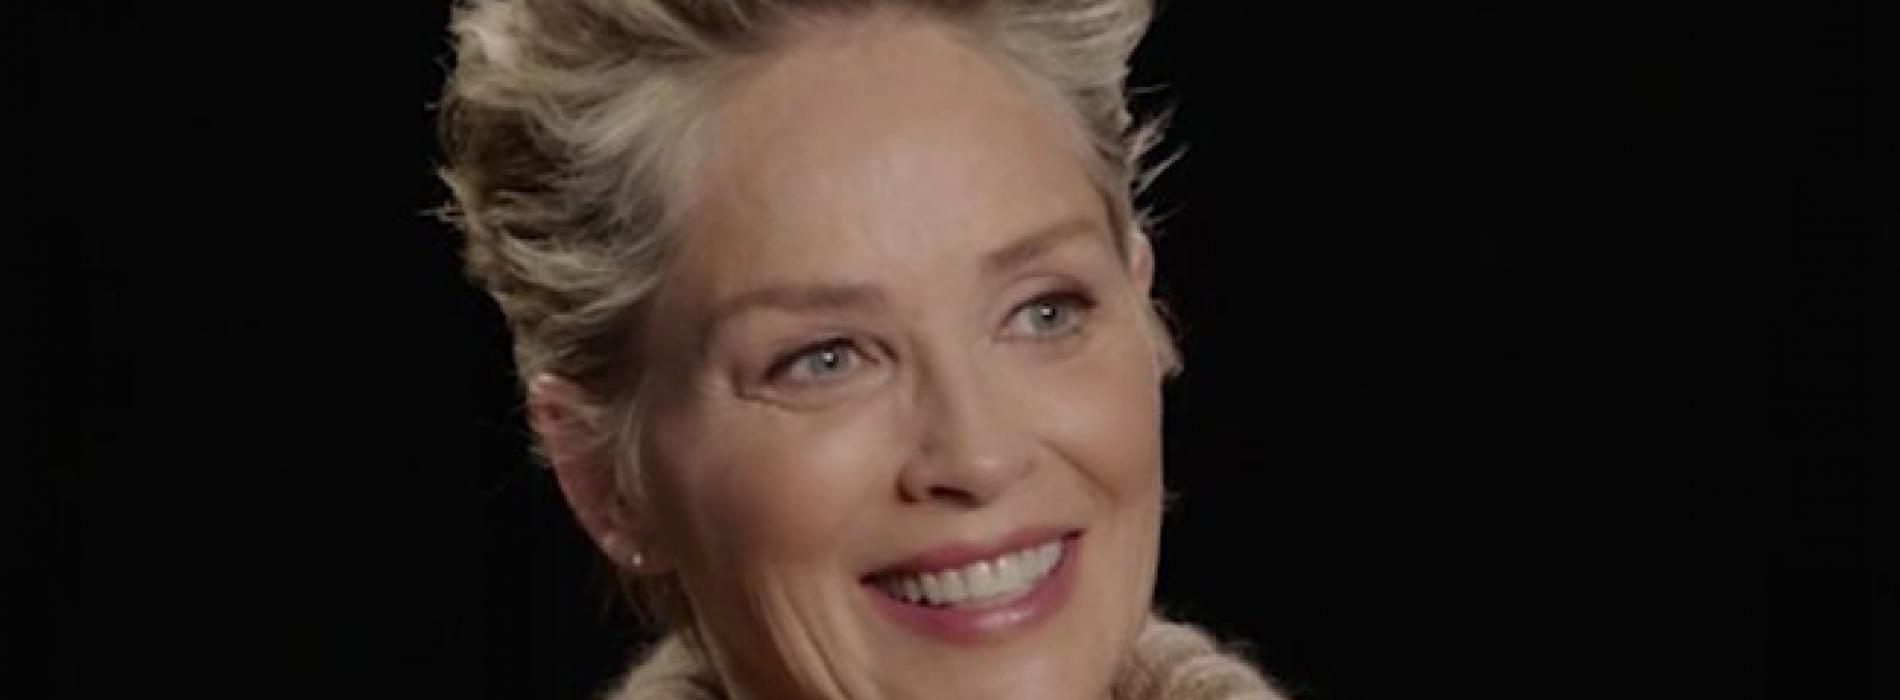 Sharon Stone nyilatkozata a mediátorokról